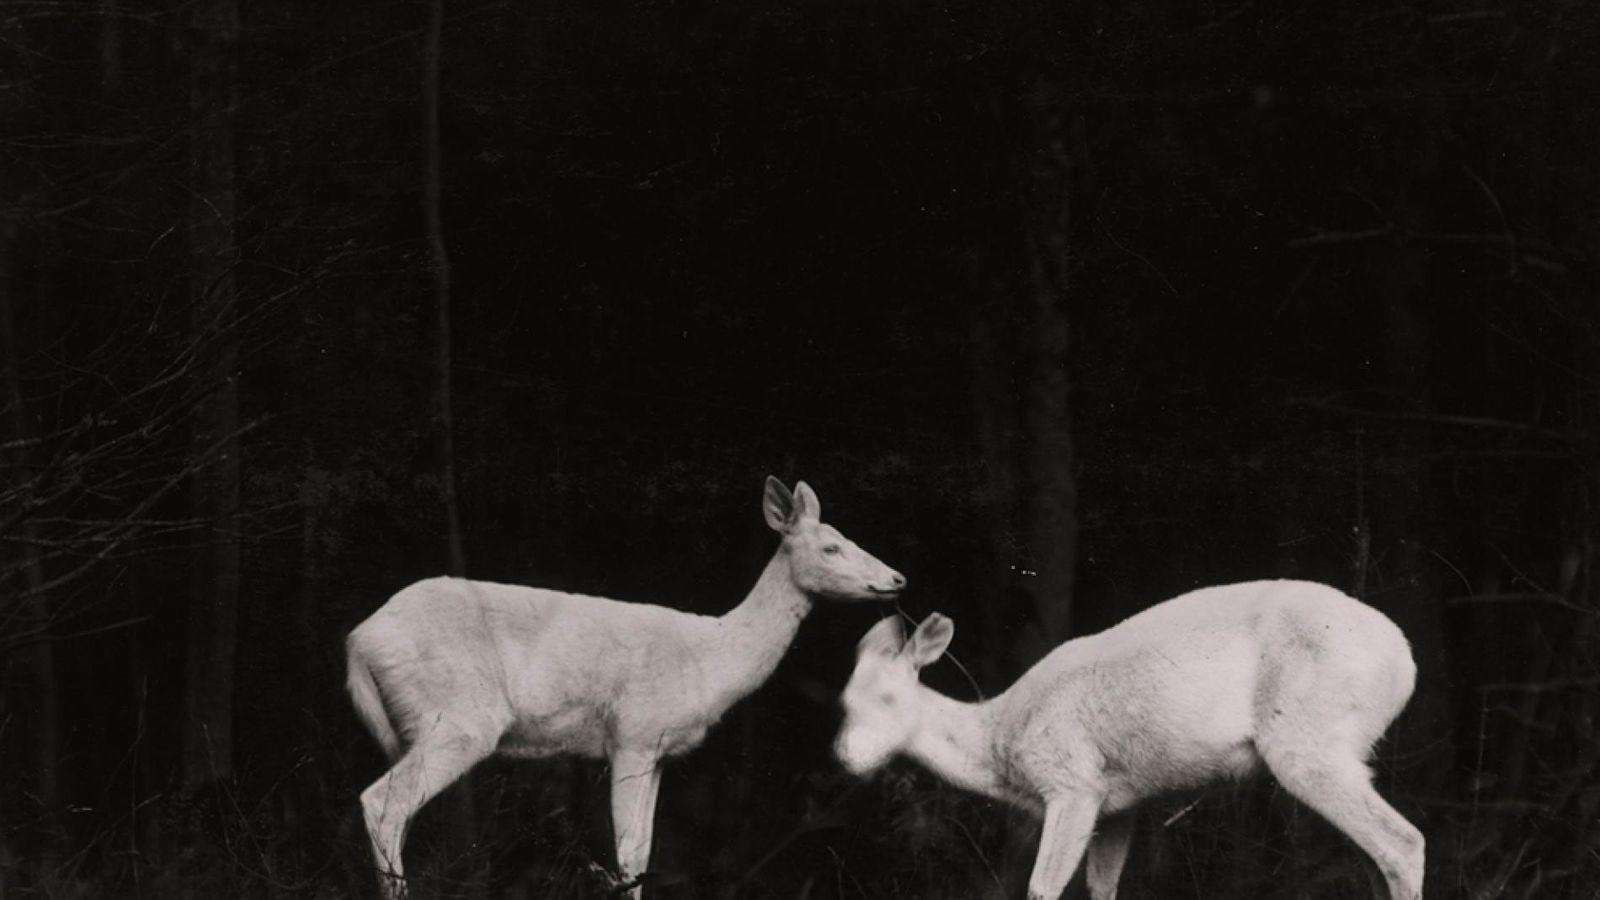 130-anos-national-geographic-society-fotos-de-vida-selvagem